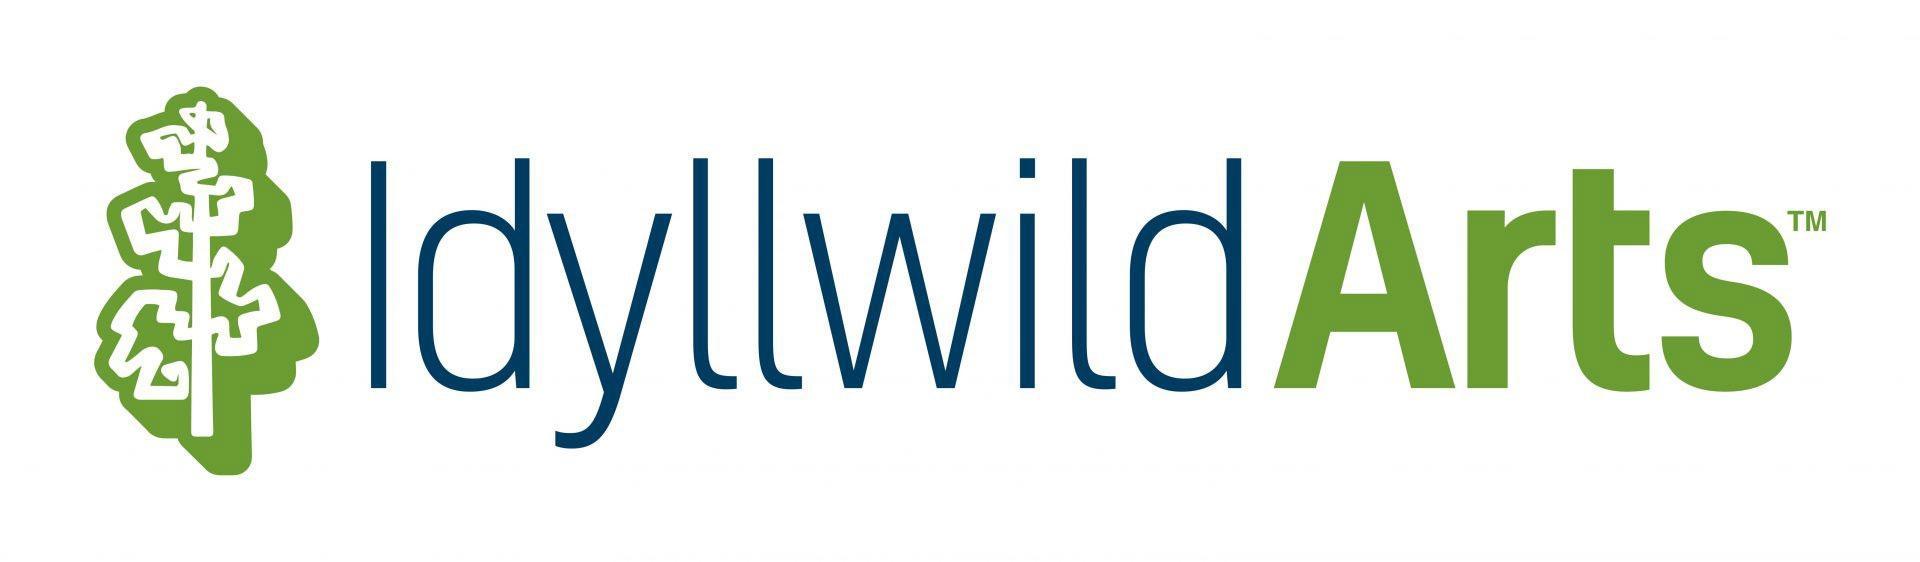 alt - США, Idyllwild Arts Academy, Среднее образование, 1